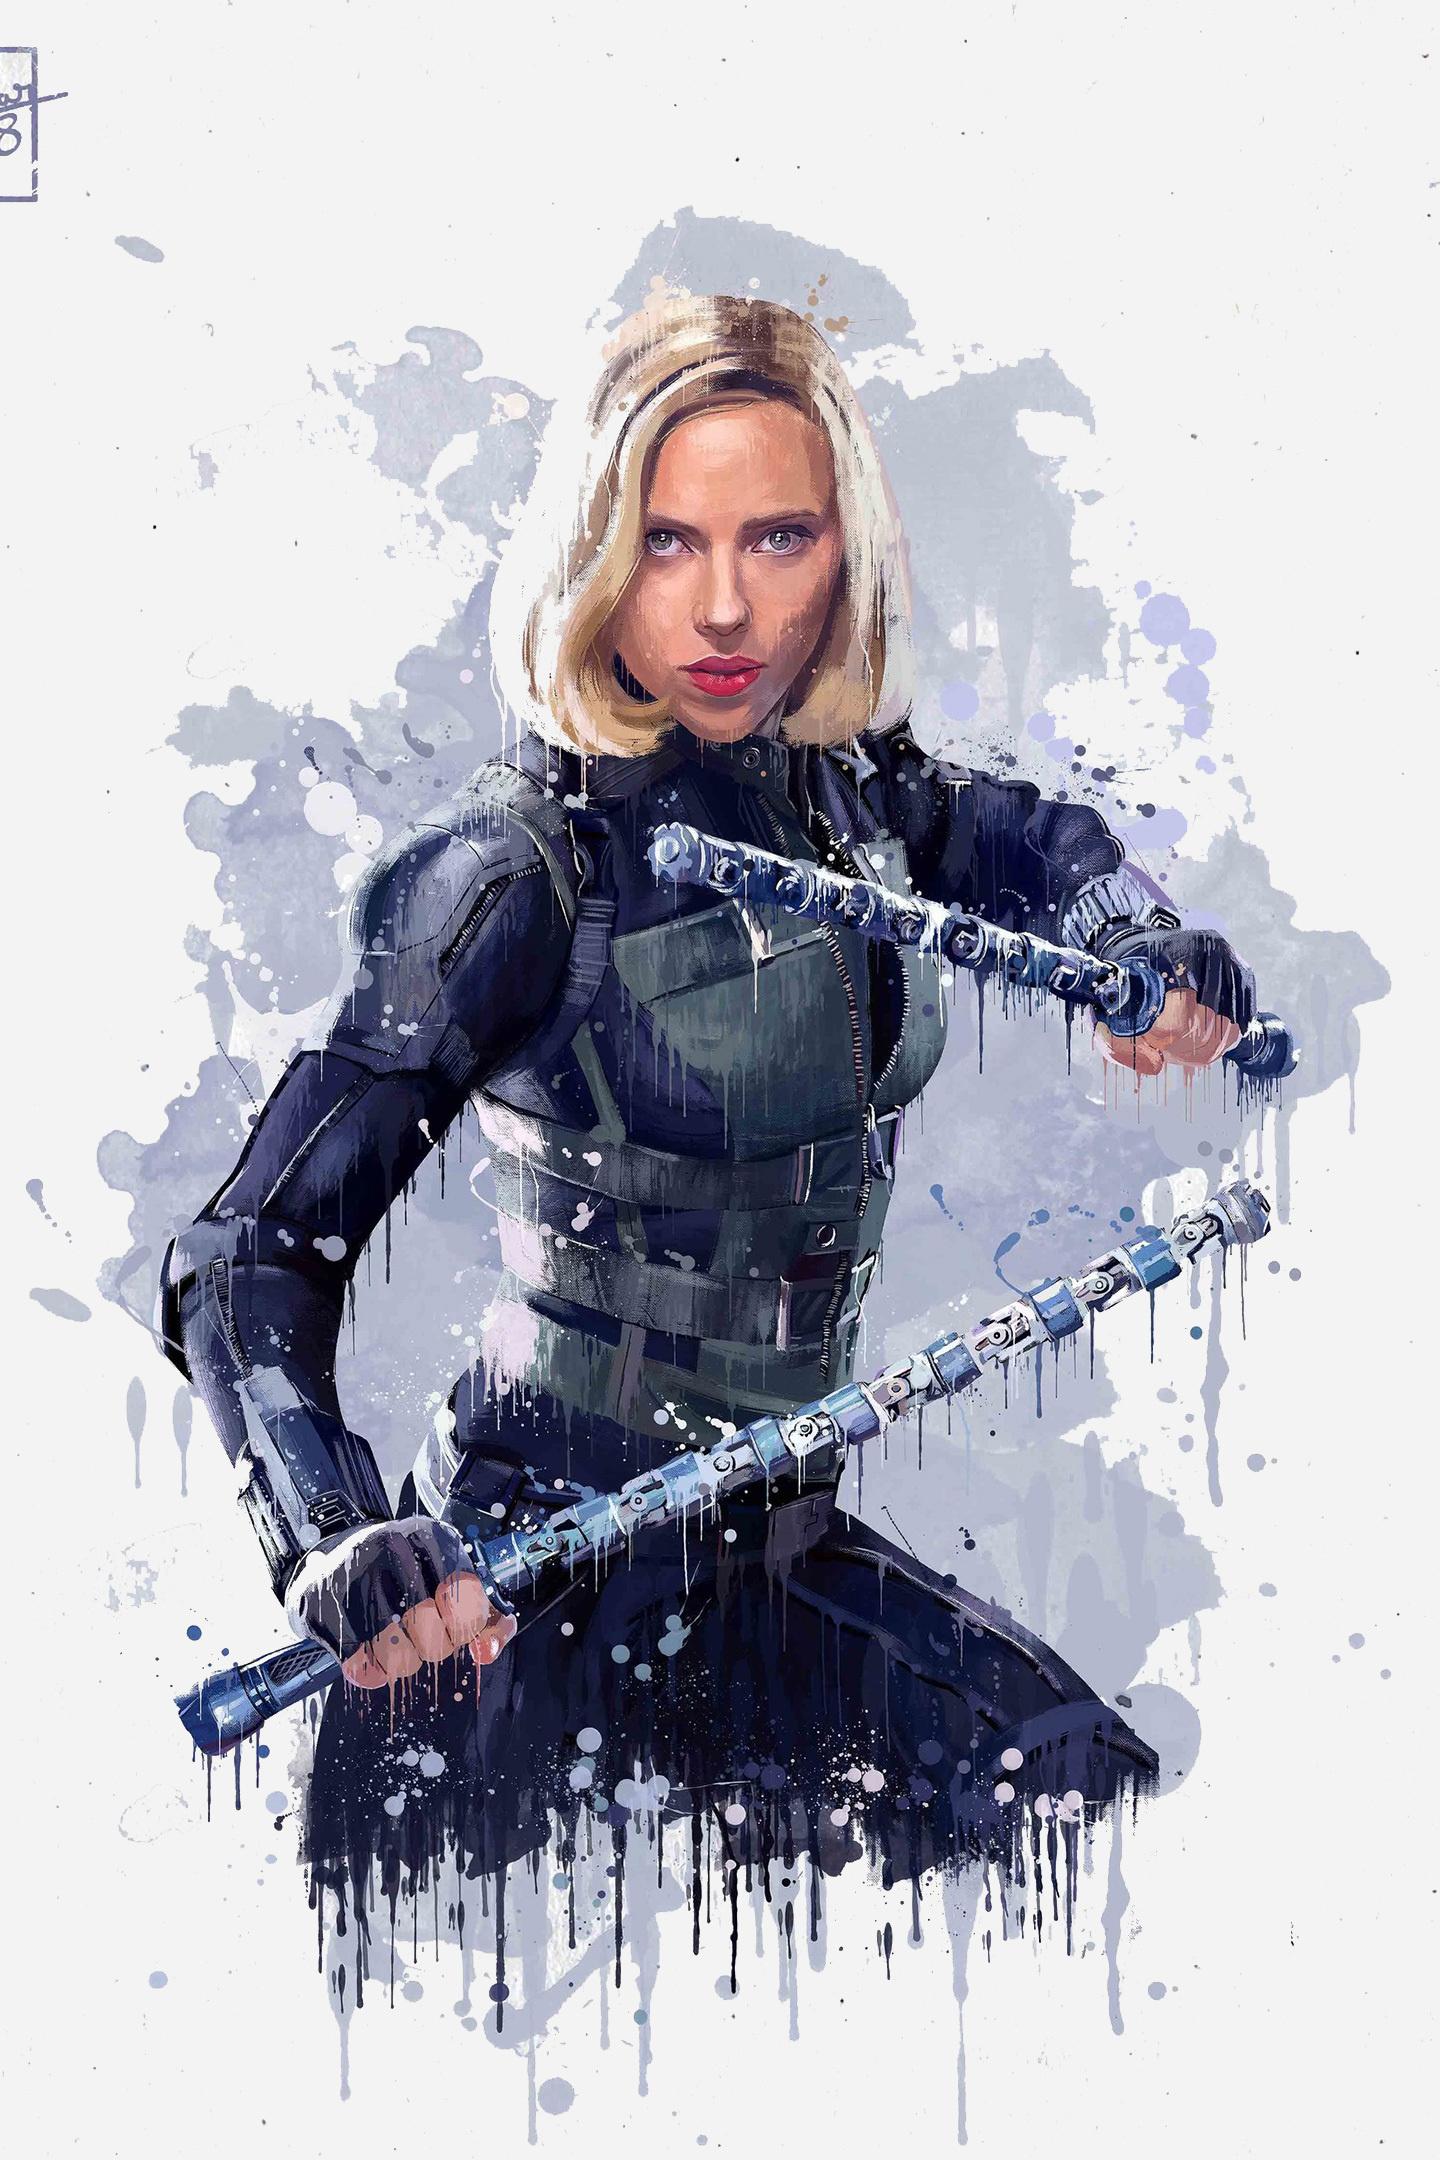 Download 1440x2560 Wallpaper Black Widow Avengers Infinity